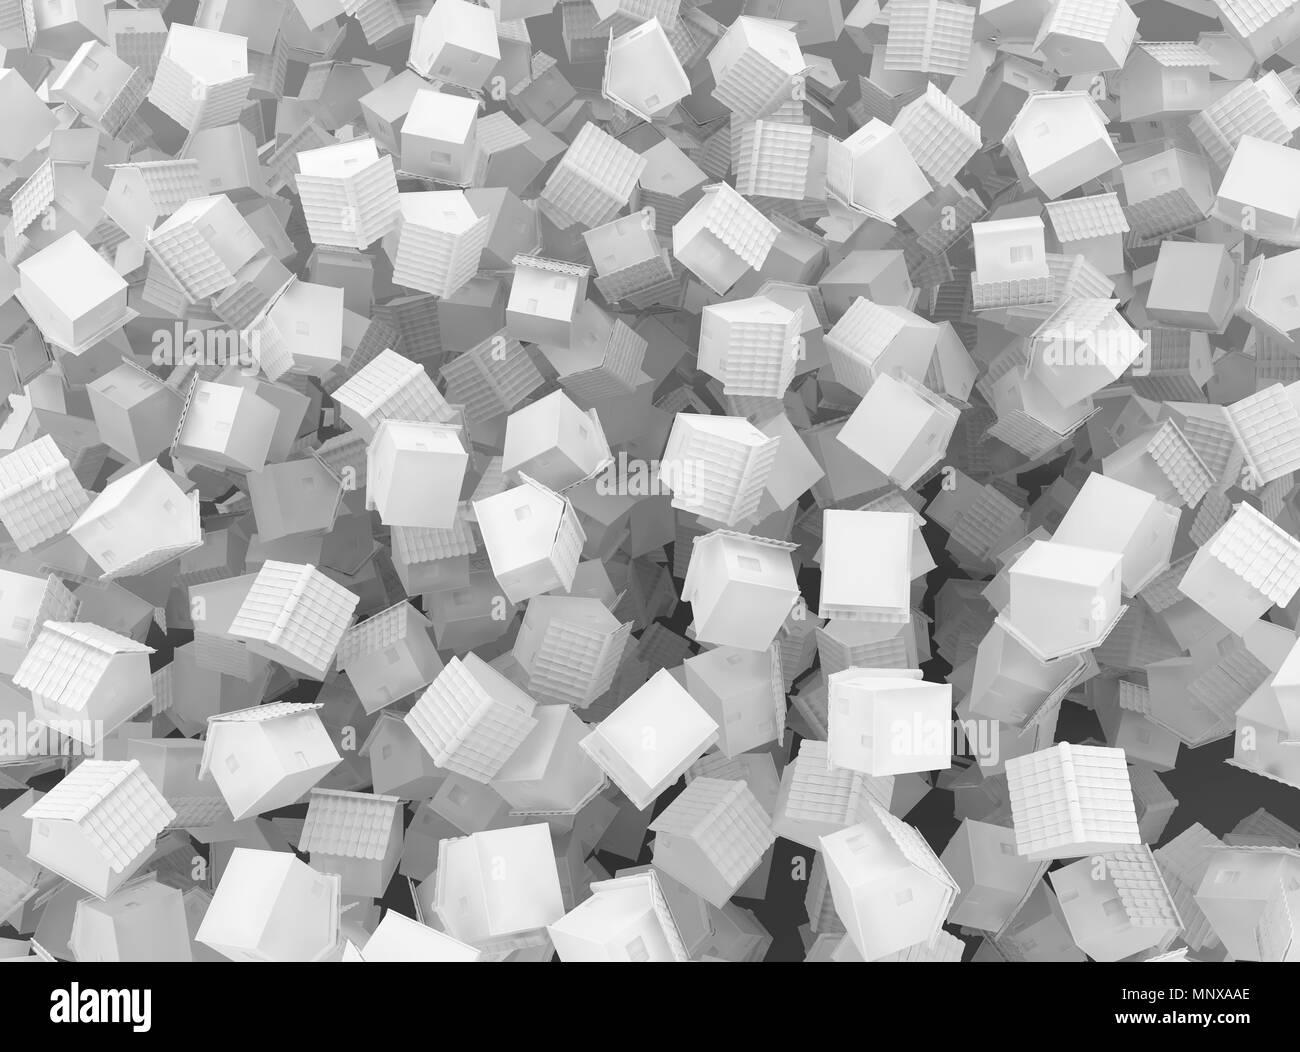 Piccole casette bianche scatter caotica, 3d illustrazione, orizzontale di sfondo Immagini Stock